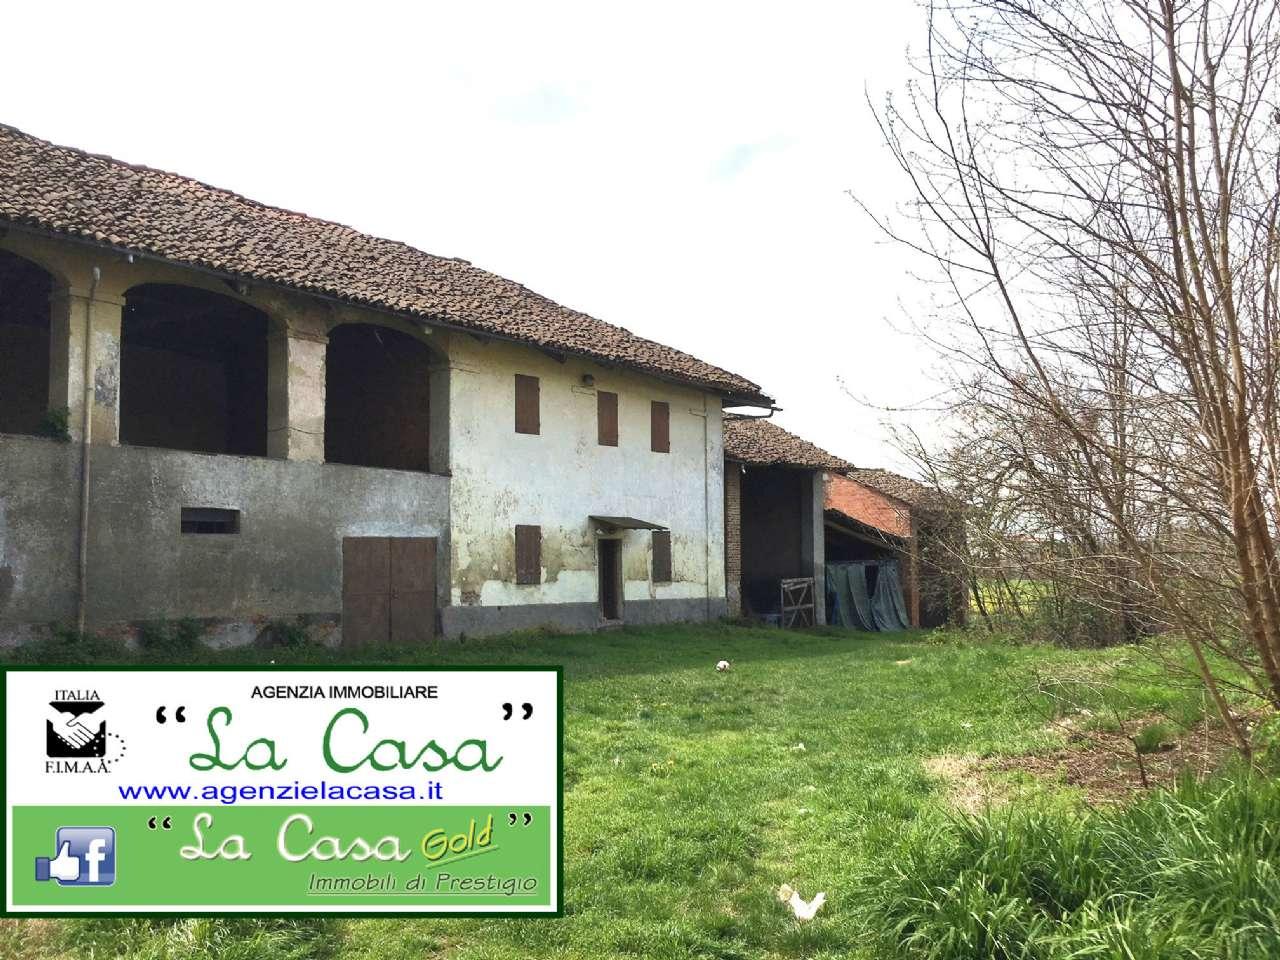 Rustico / Casale in vendita a Isolabella, 6 locali, prezzo € 64.000 | CambioCasa.it